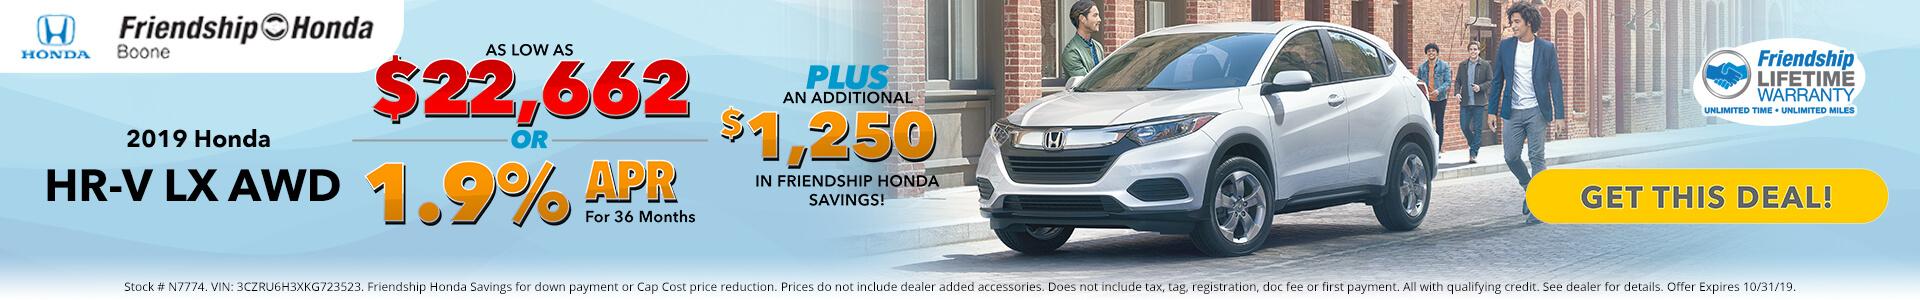 Honda HR-V $22,662 Purchase